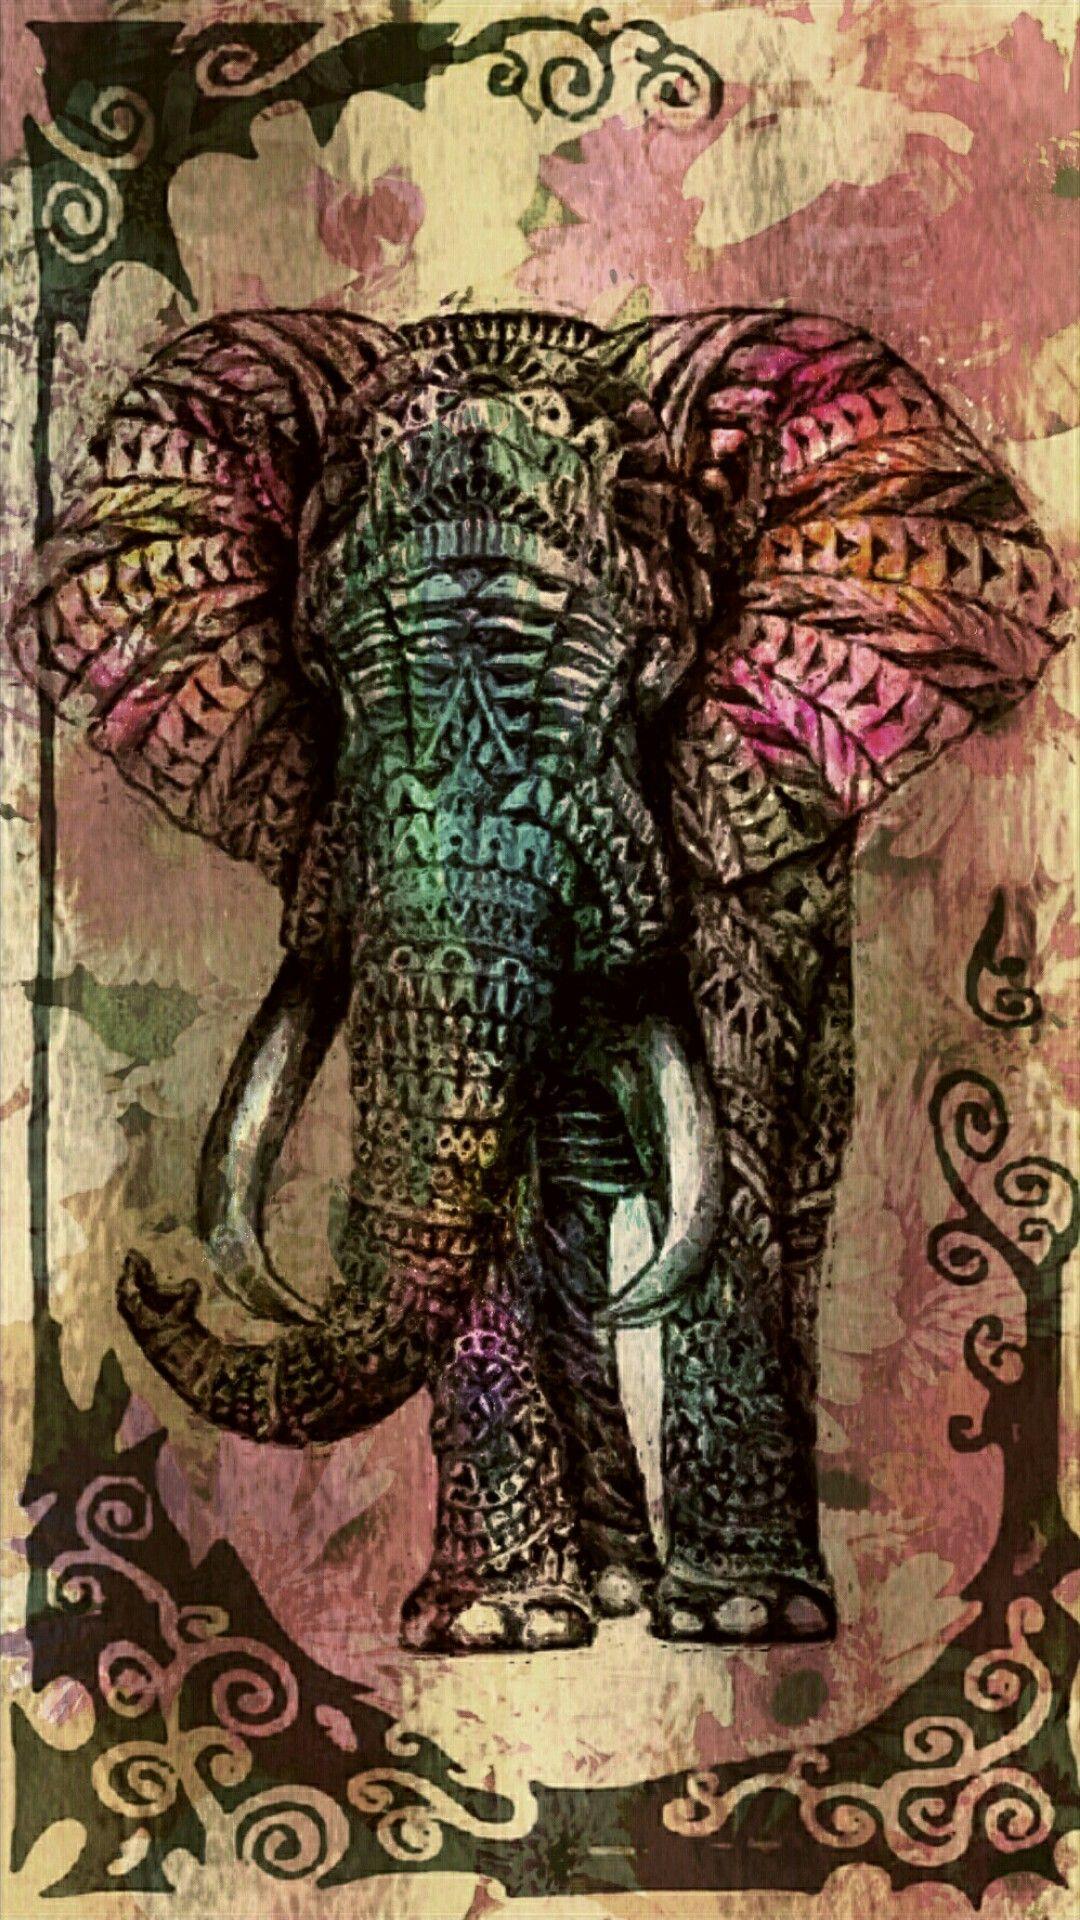 Pin Oleh Ichat Septory Di Tattoo Art Gajah Ide Bagus Hewan